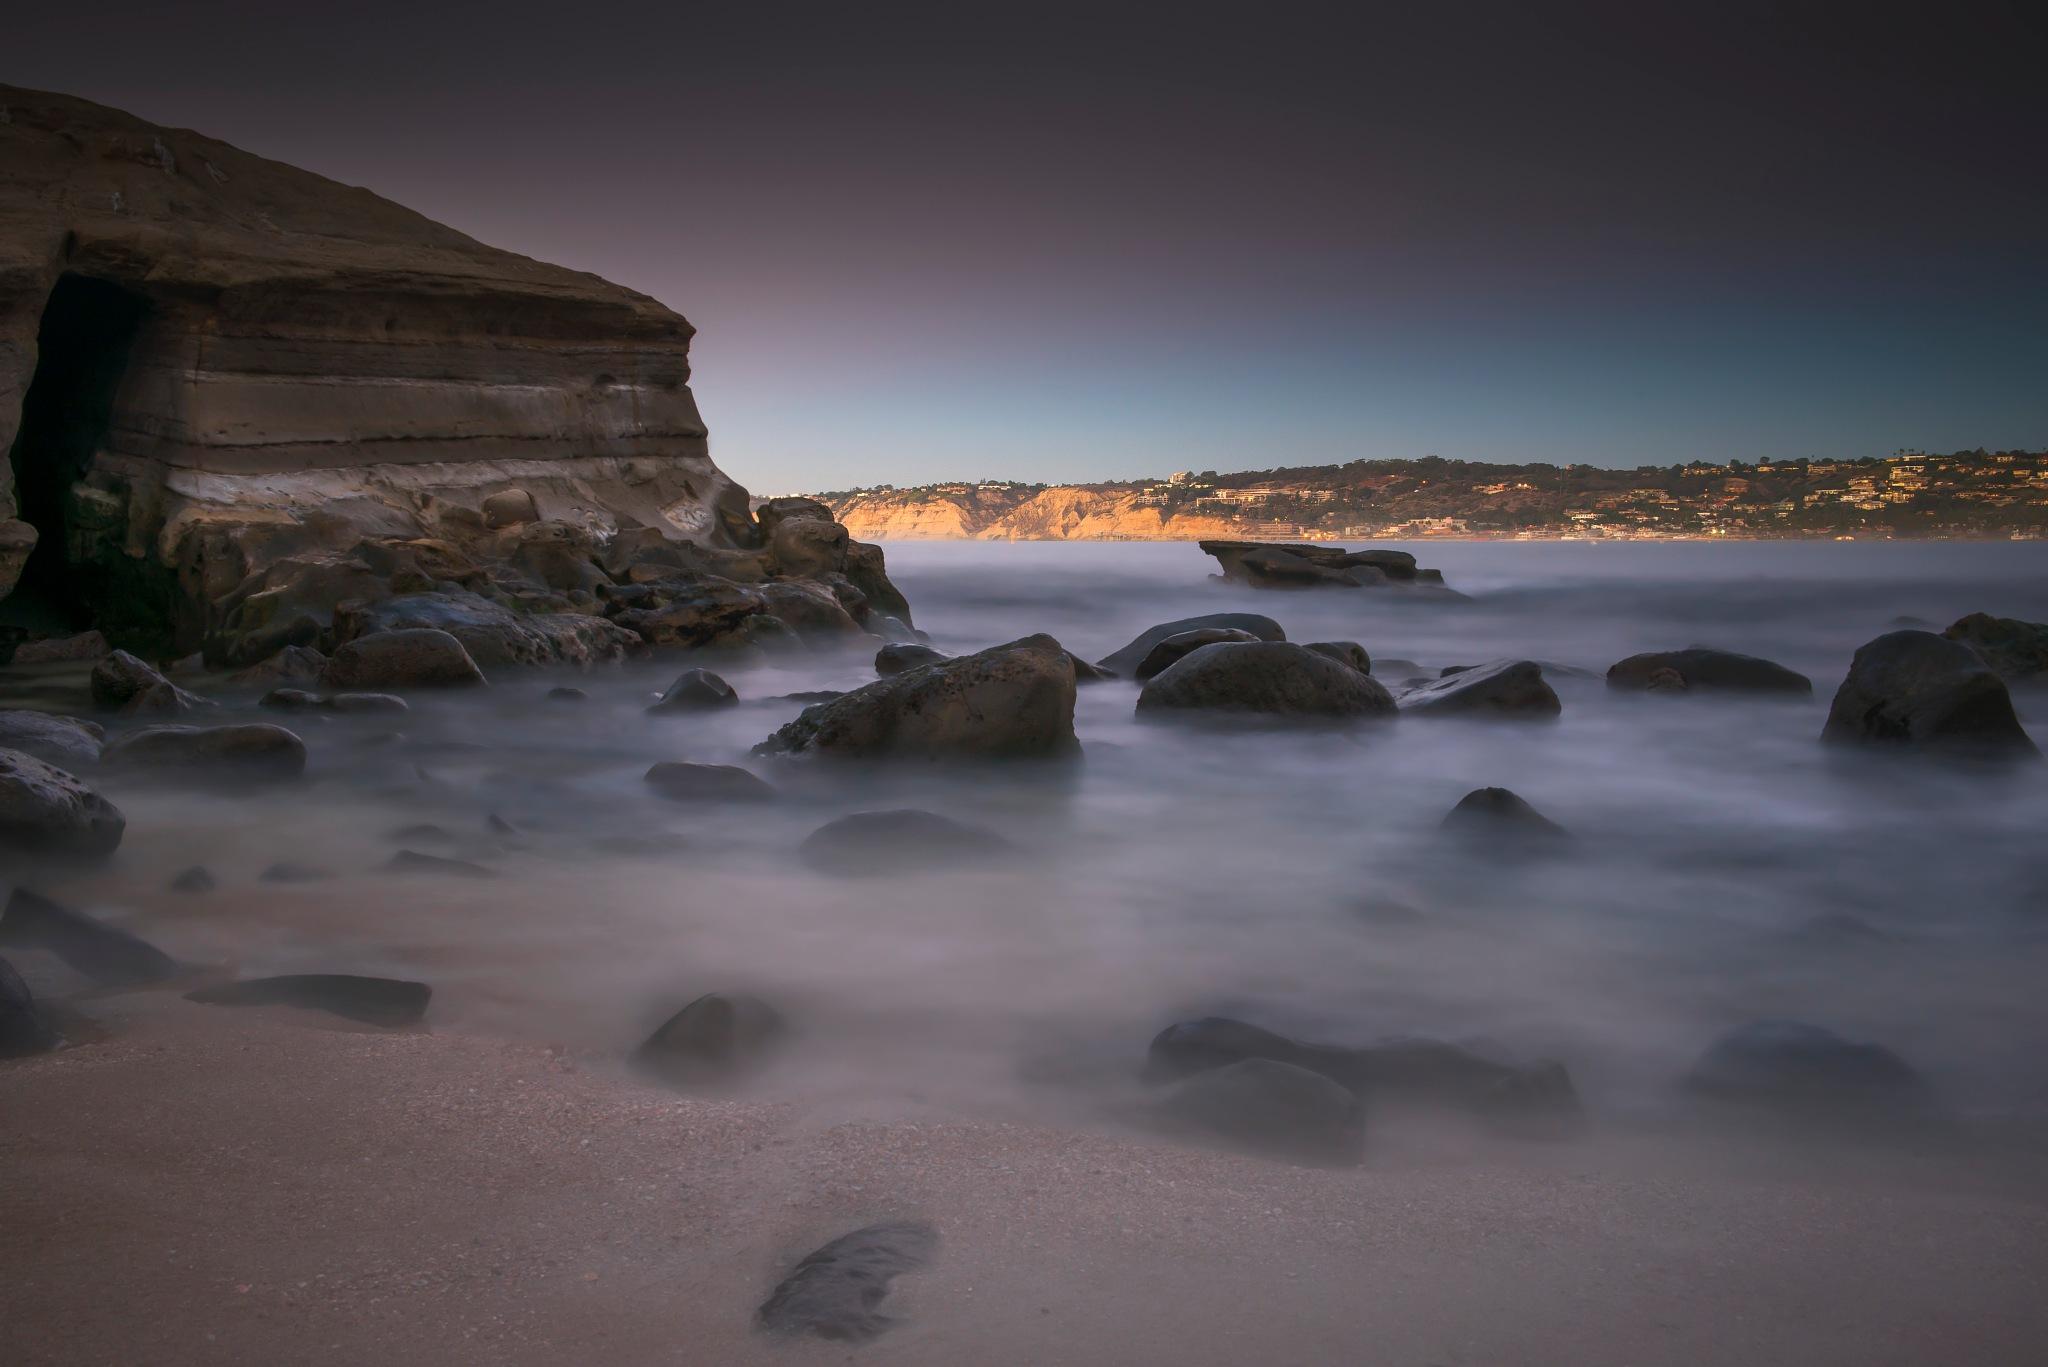 Misty Cove by Jeb Buchman